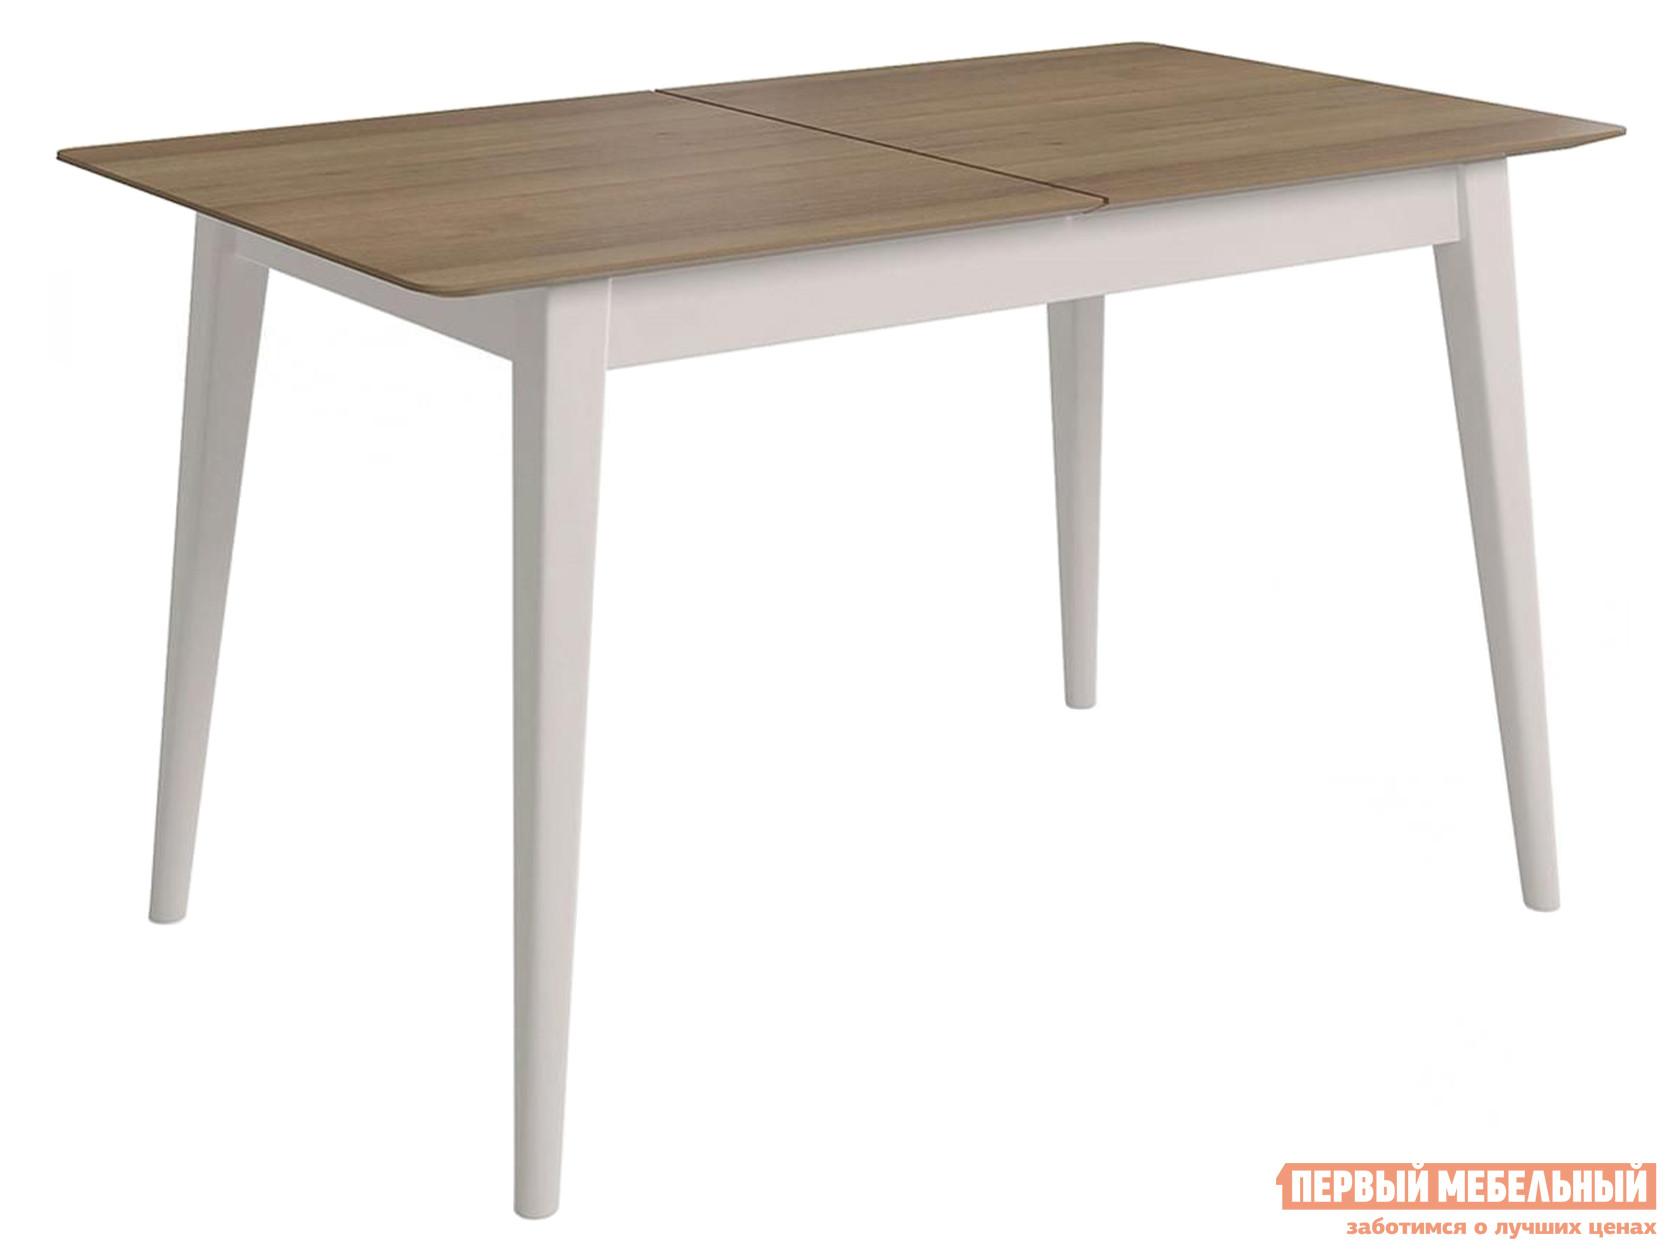 Обеденный стол ДИК Стол СД 219